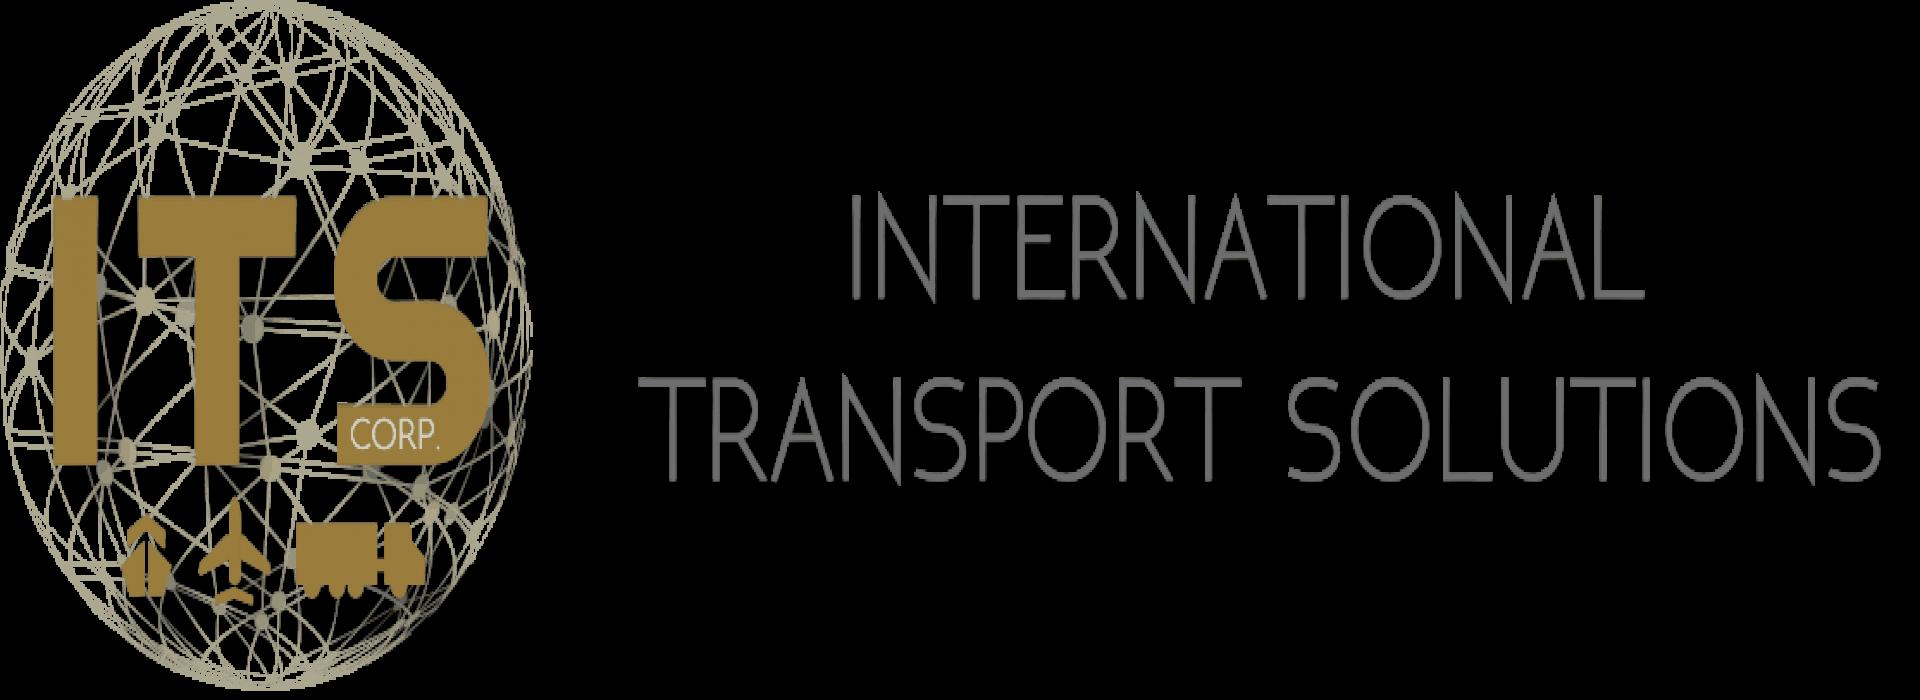 International Transport Solutions